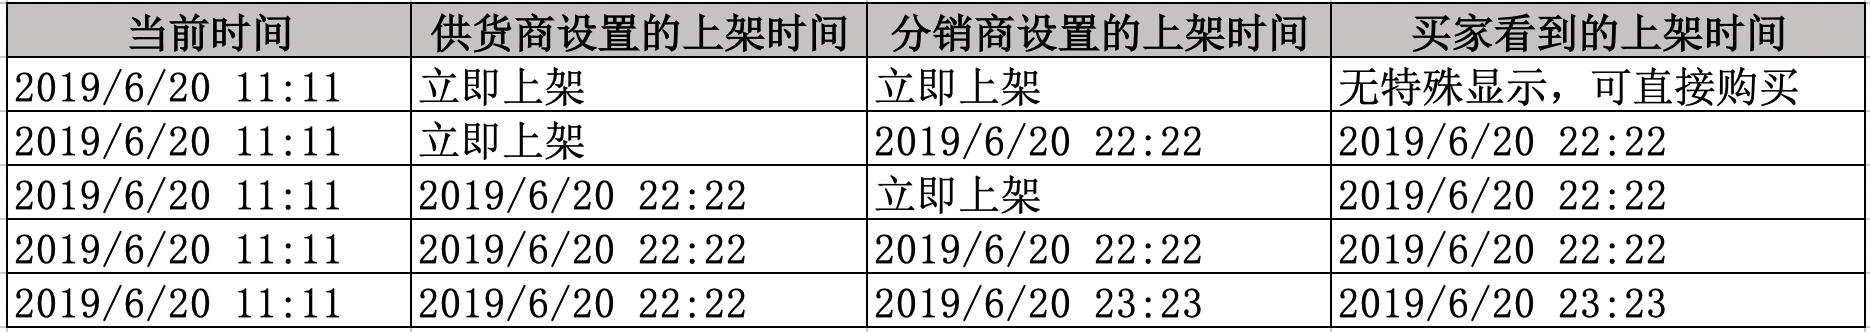 上架时间表.png